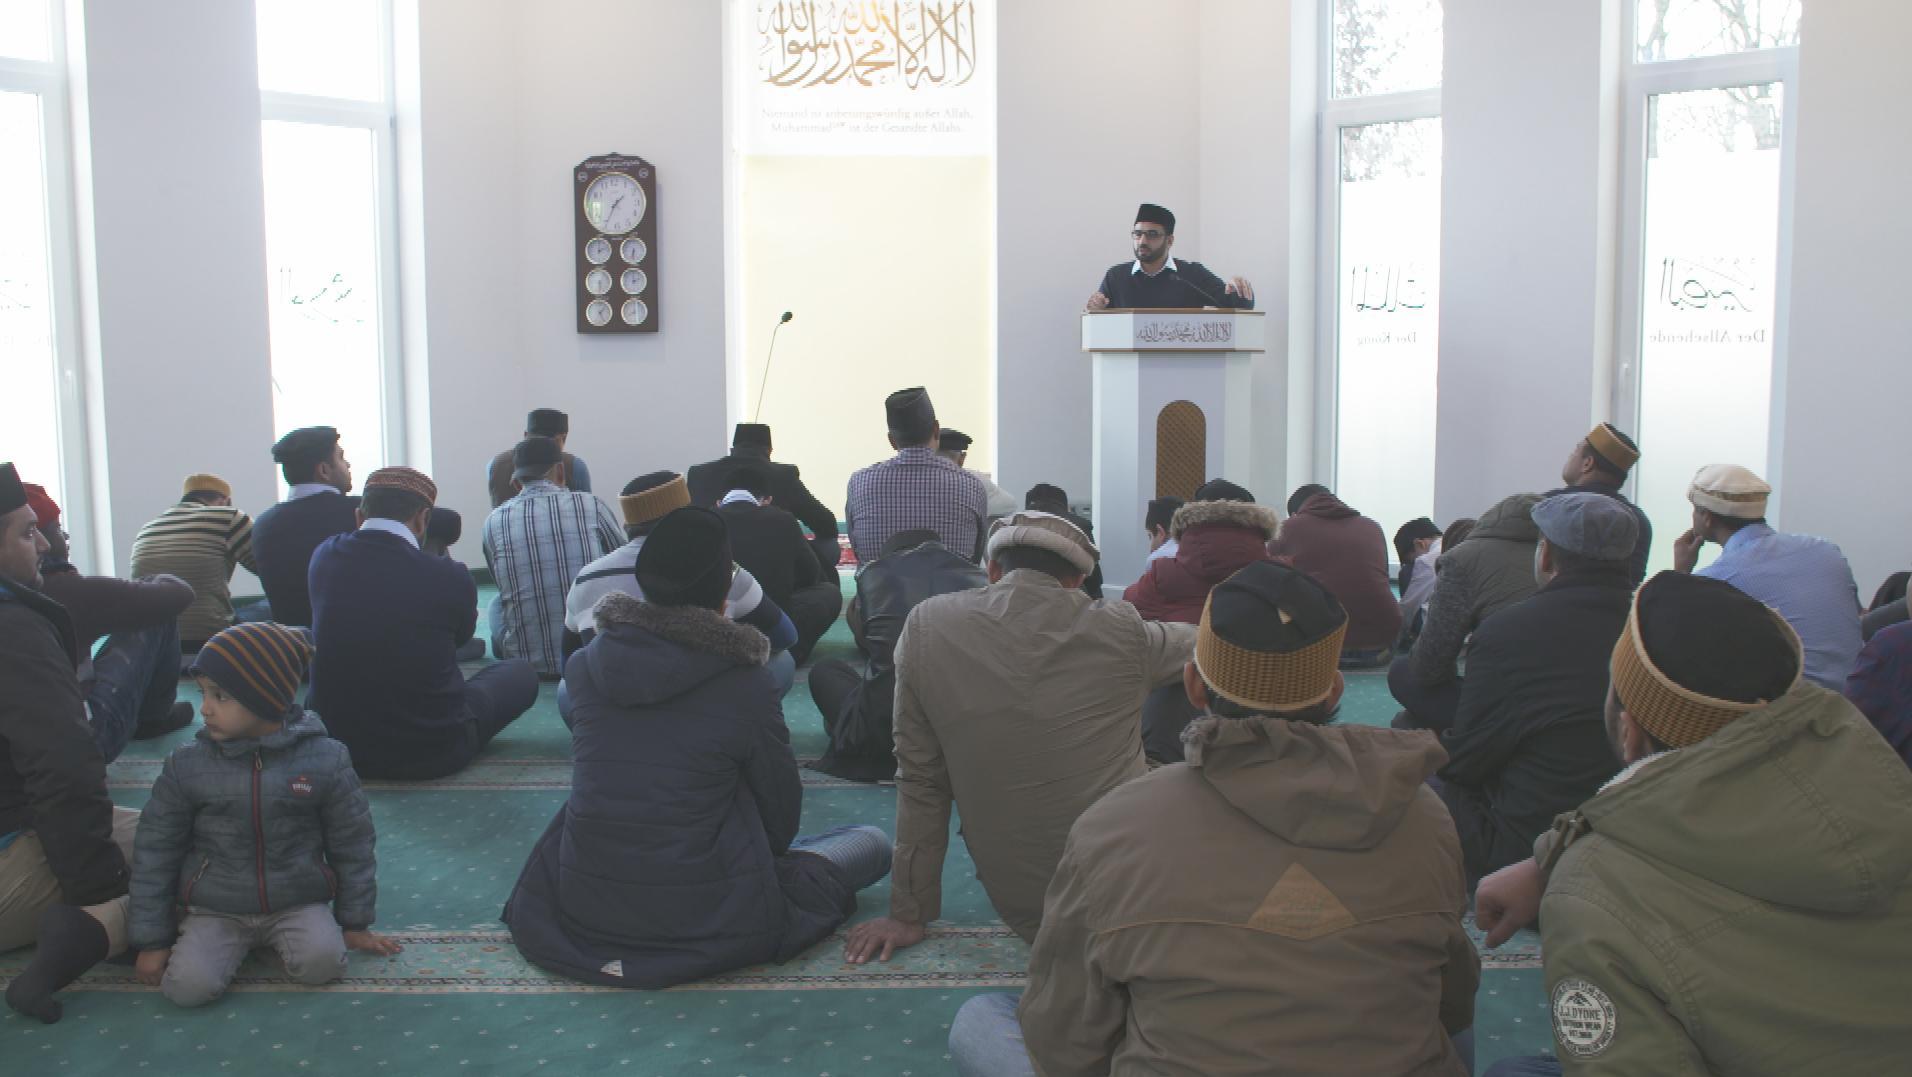 Freitagsgebet in der Bait-un-Naseer Moschee in Augsburg